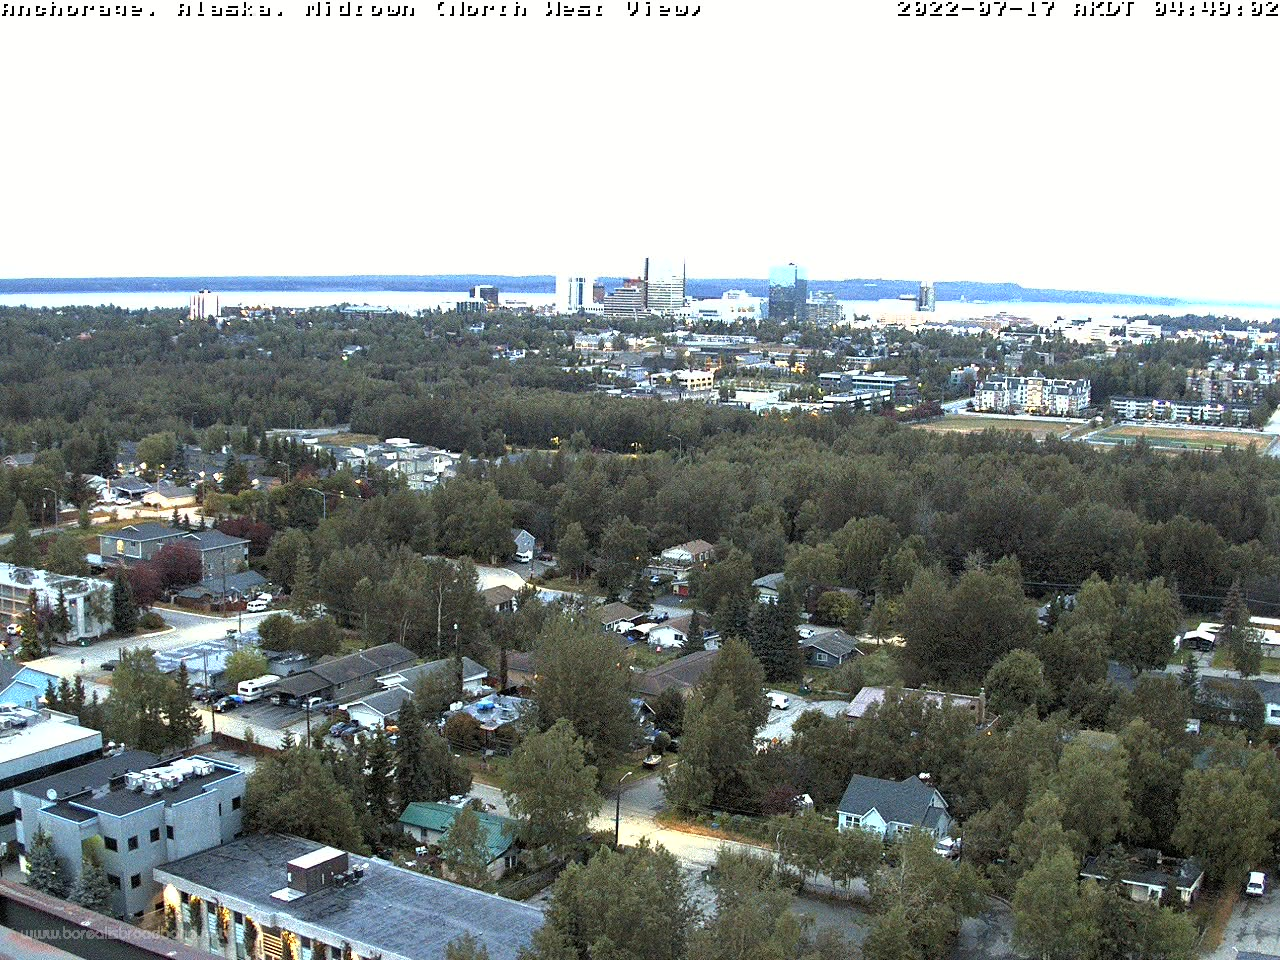 Anchorage, Alaska Fri. 04:49